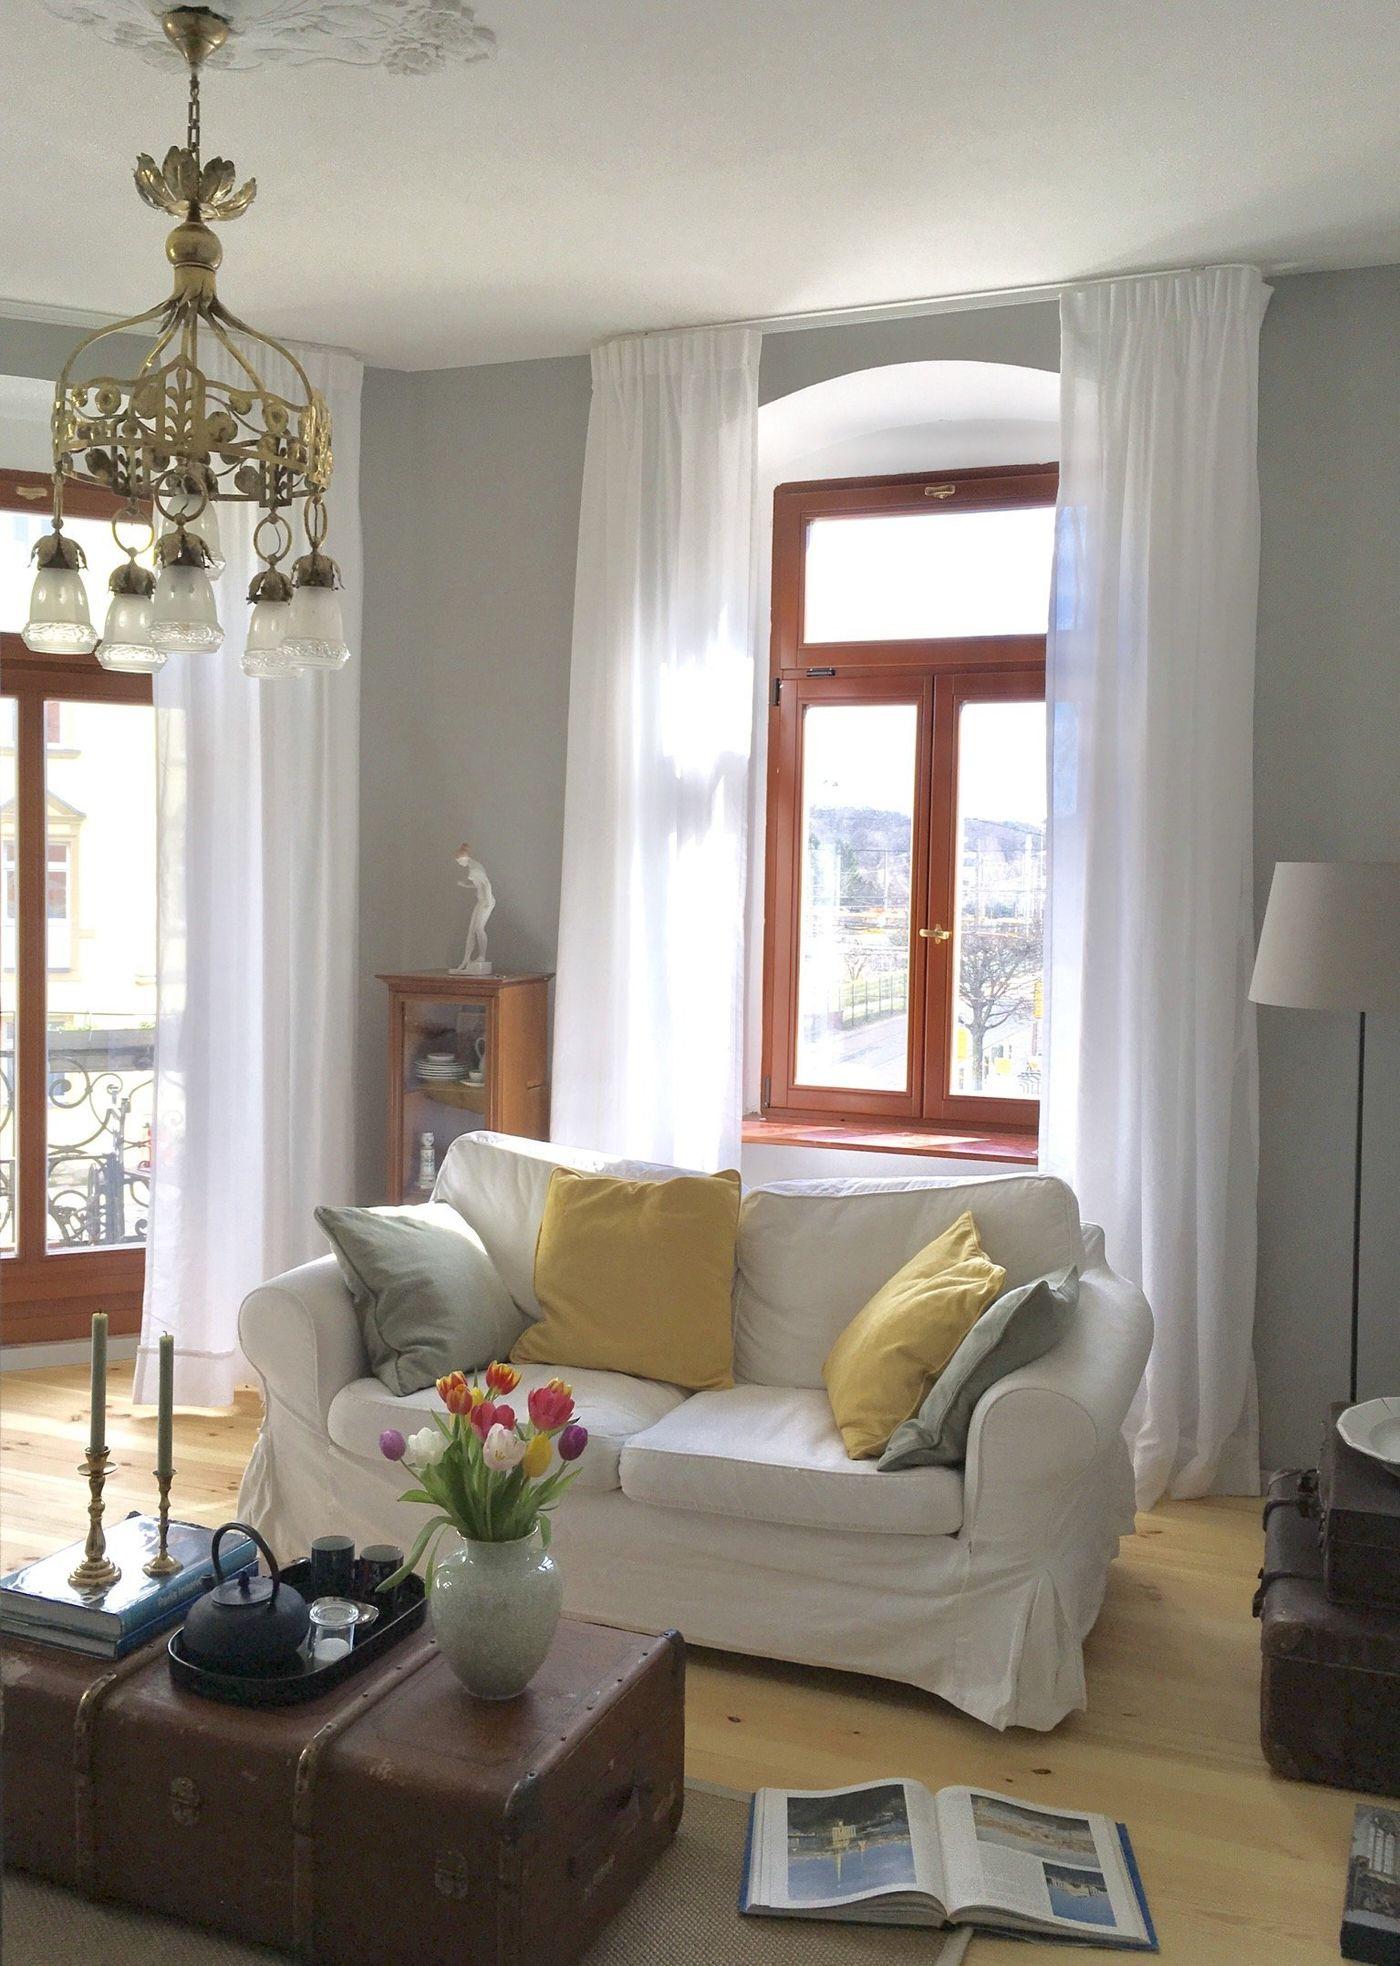 Die Schonsten Ideen Mit Ikea Ektorp Sofas Seite 3